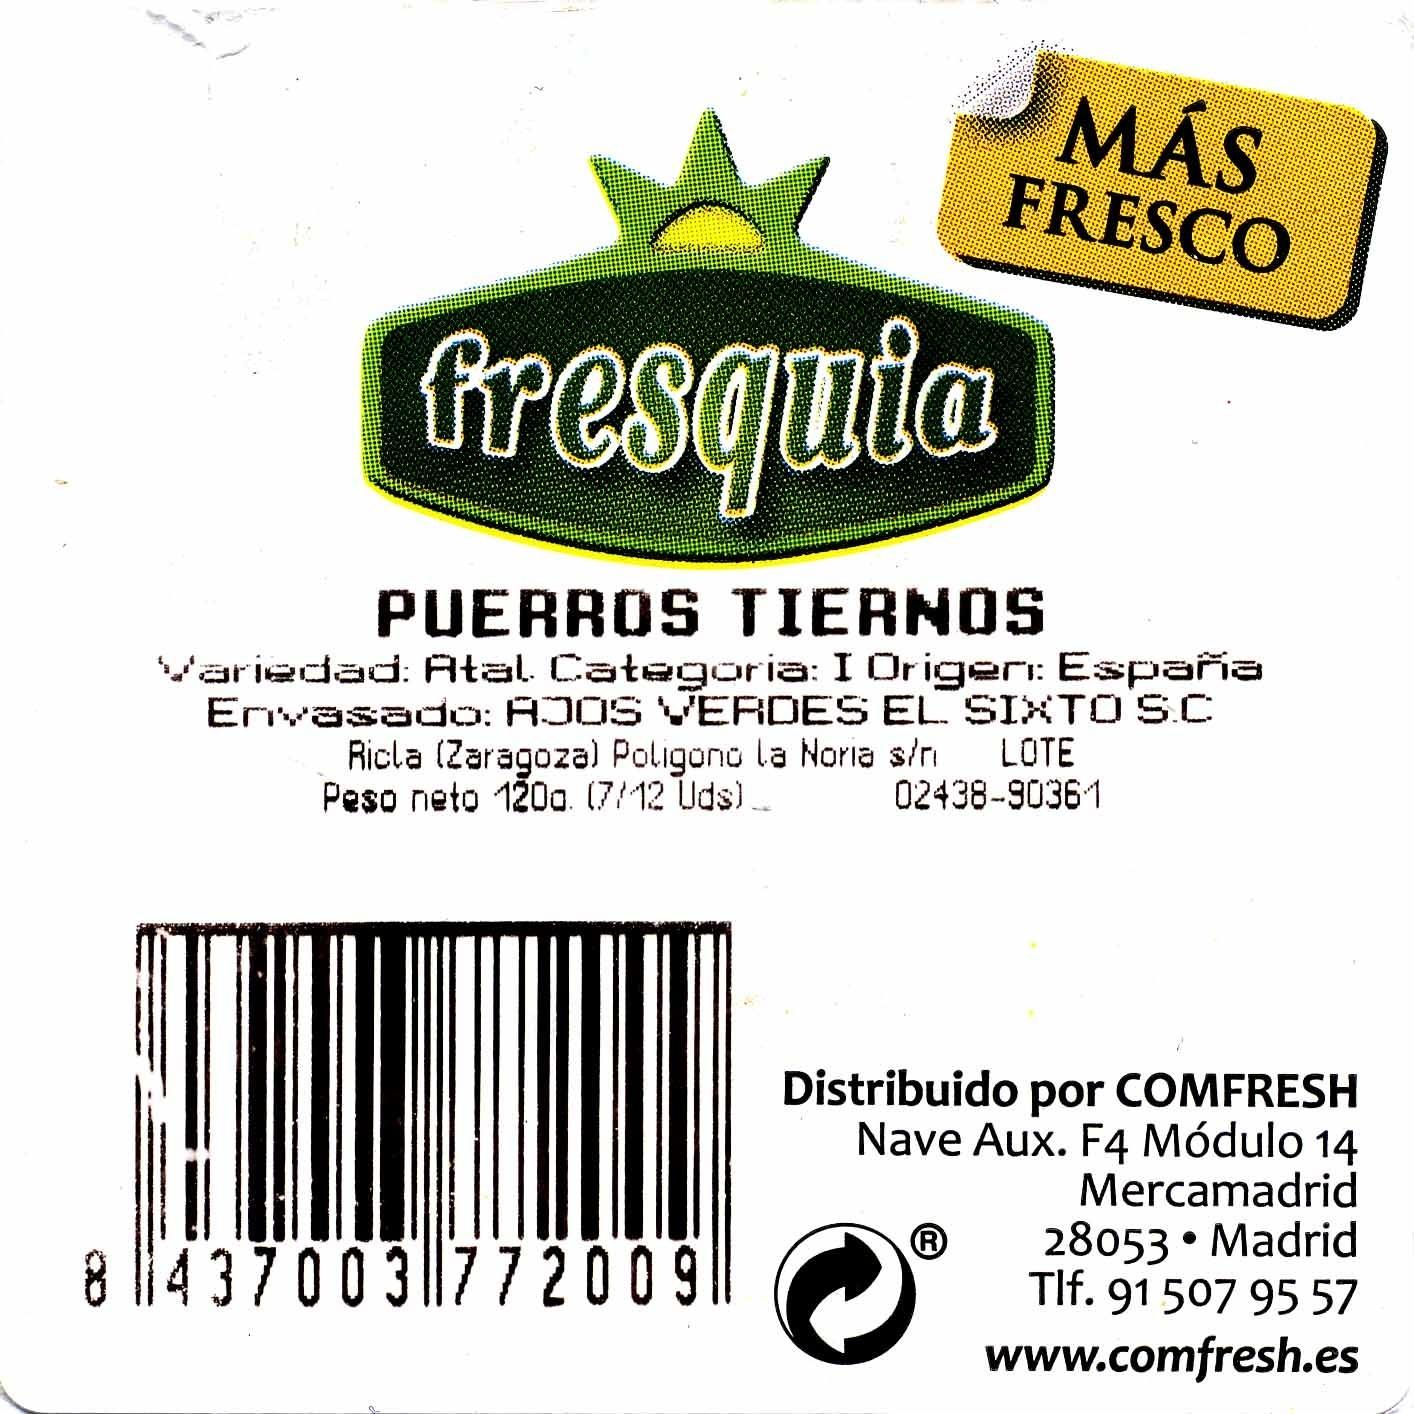 Puerros tiernos - Ingredients